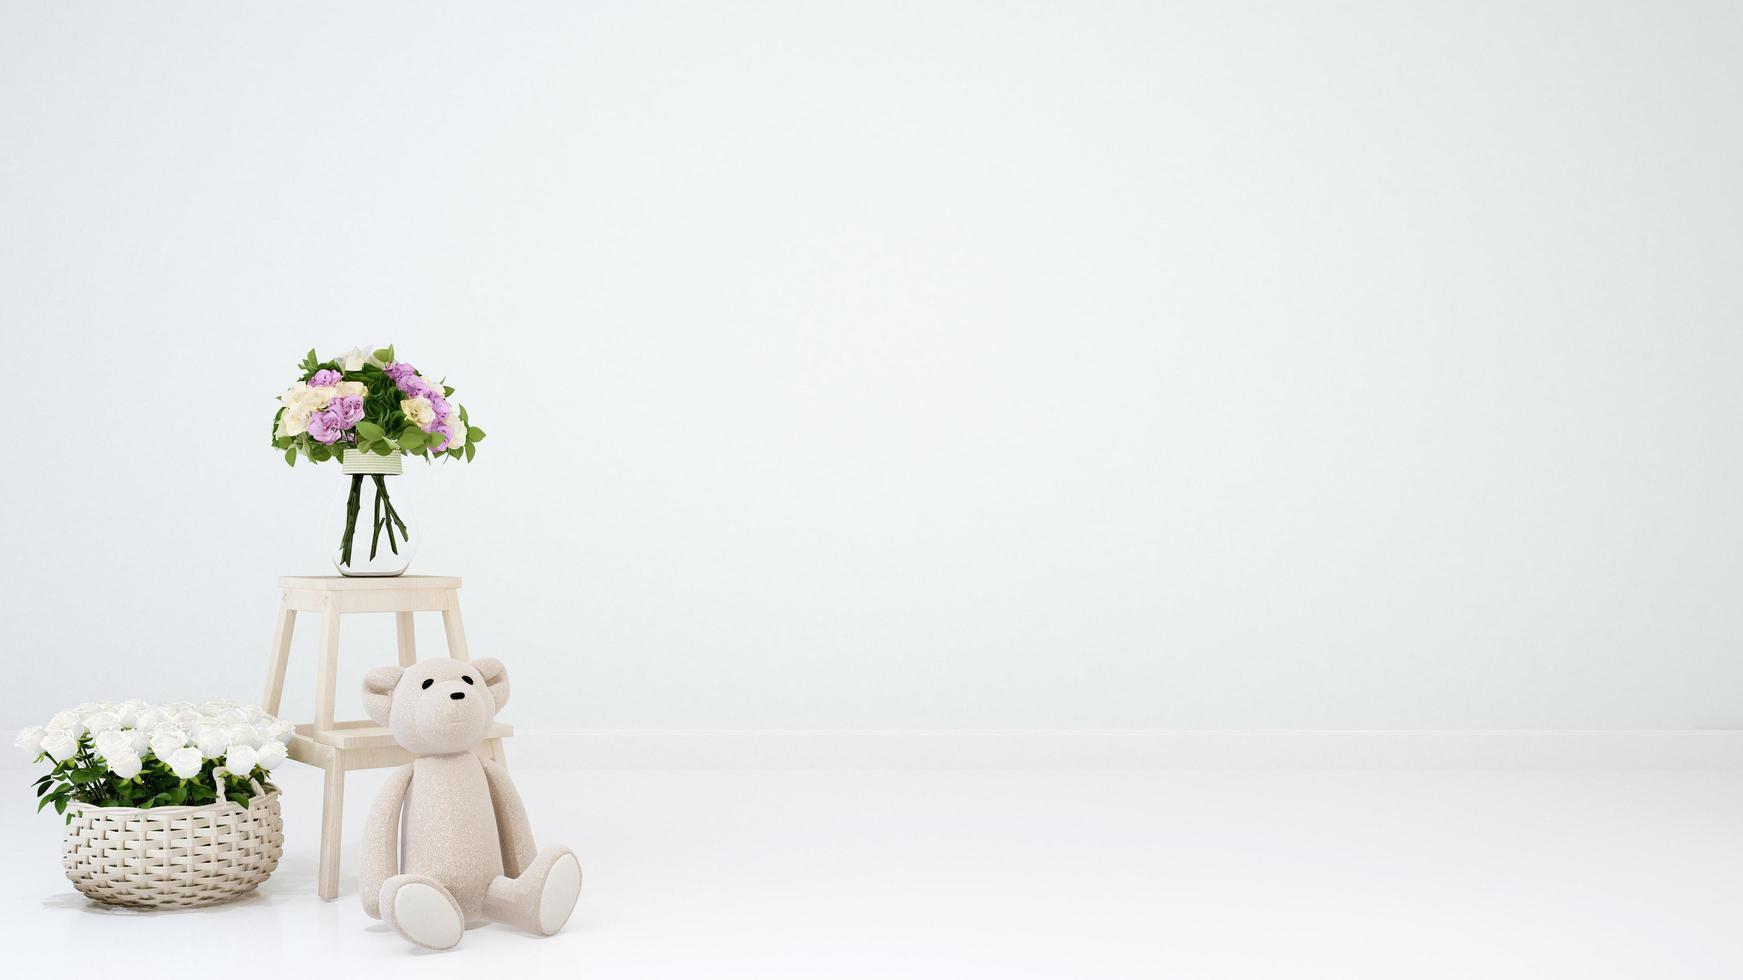 osito de peluche y flor para obras de arte foto